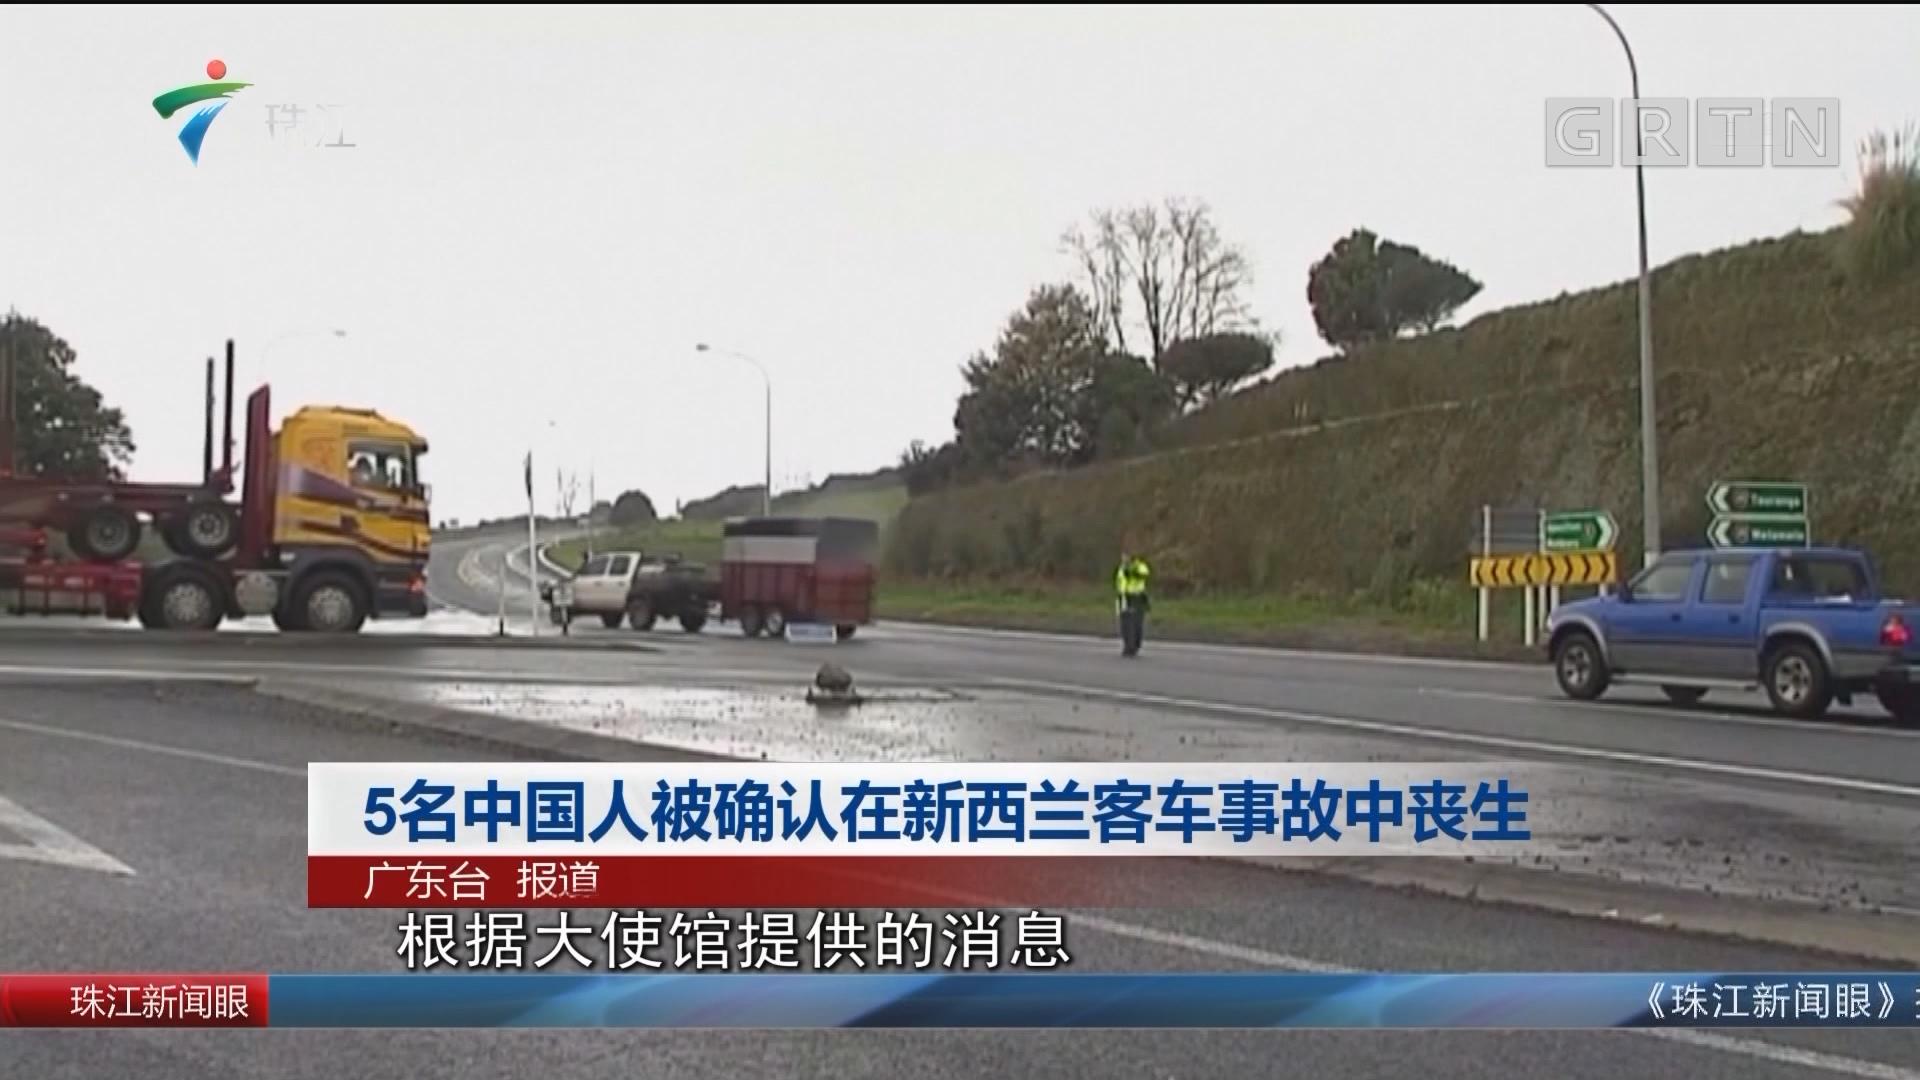 5名中国人被确认在新西兰客车事故中丧生